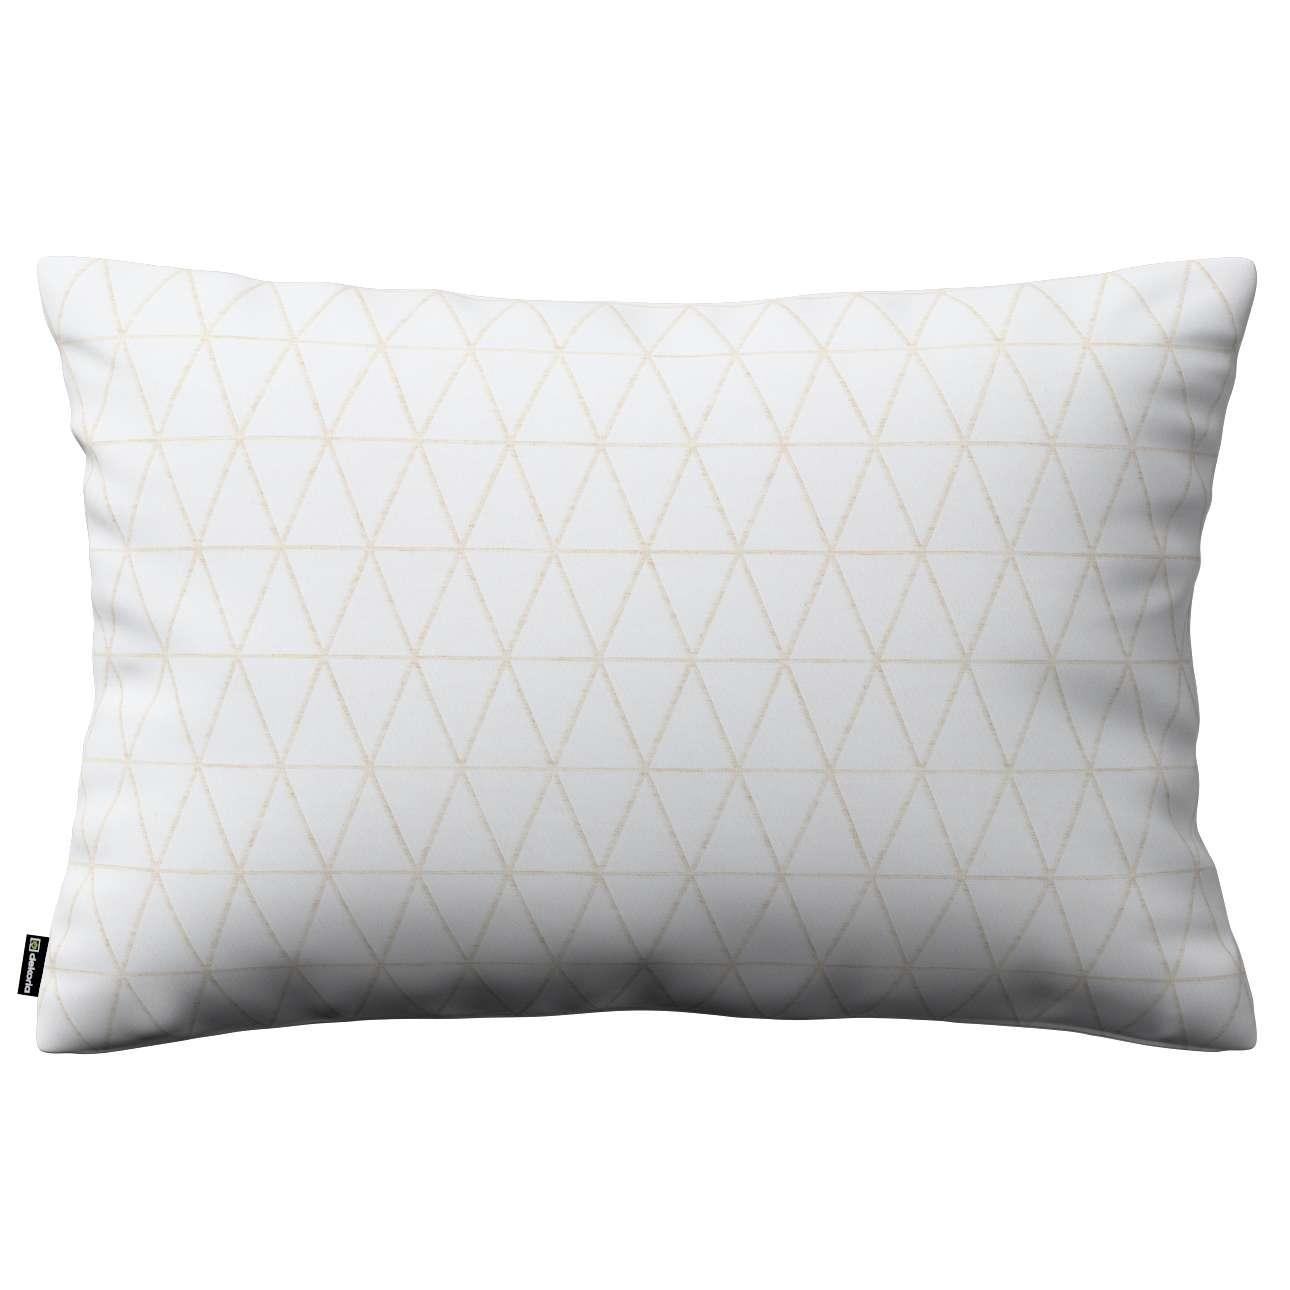 Poszewka Kinga na poduszkę prostokątną w kolekcji Sunny, tkanina: 143-94